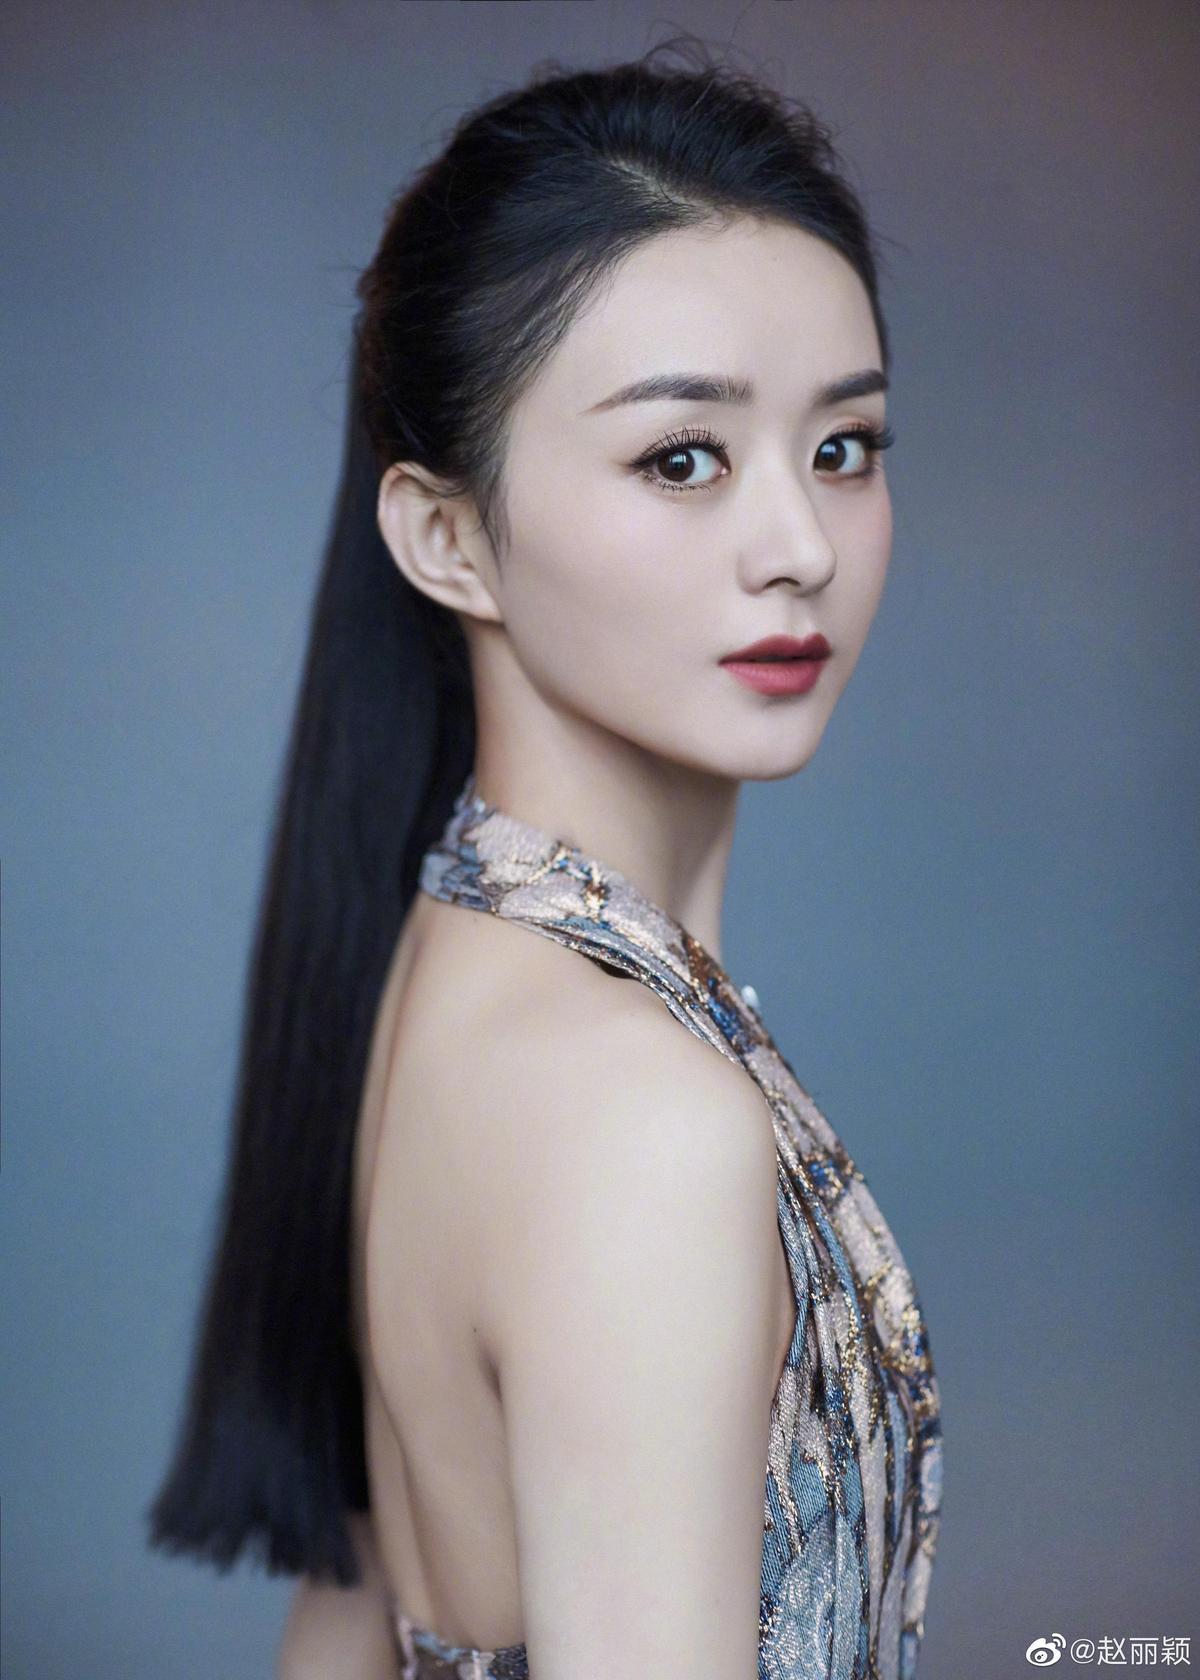 趙麗穎是中國大陸當紅花旦,身家好幾億,但她從小在農村長大,依舊保有節儉習慣,穿的、用的幾乎都是平價貨。(取自趙麗穎微博)